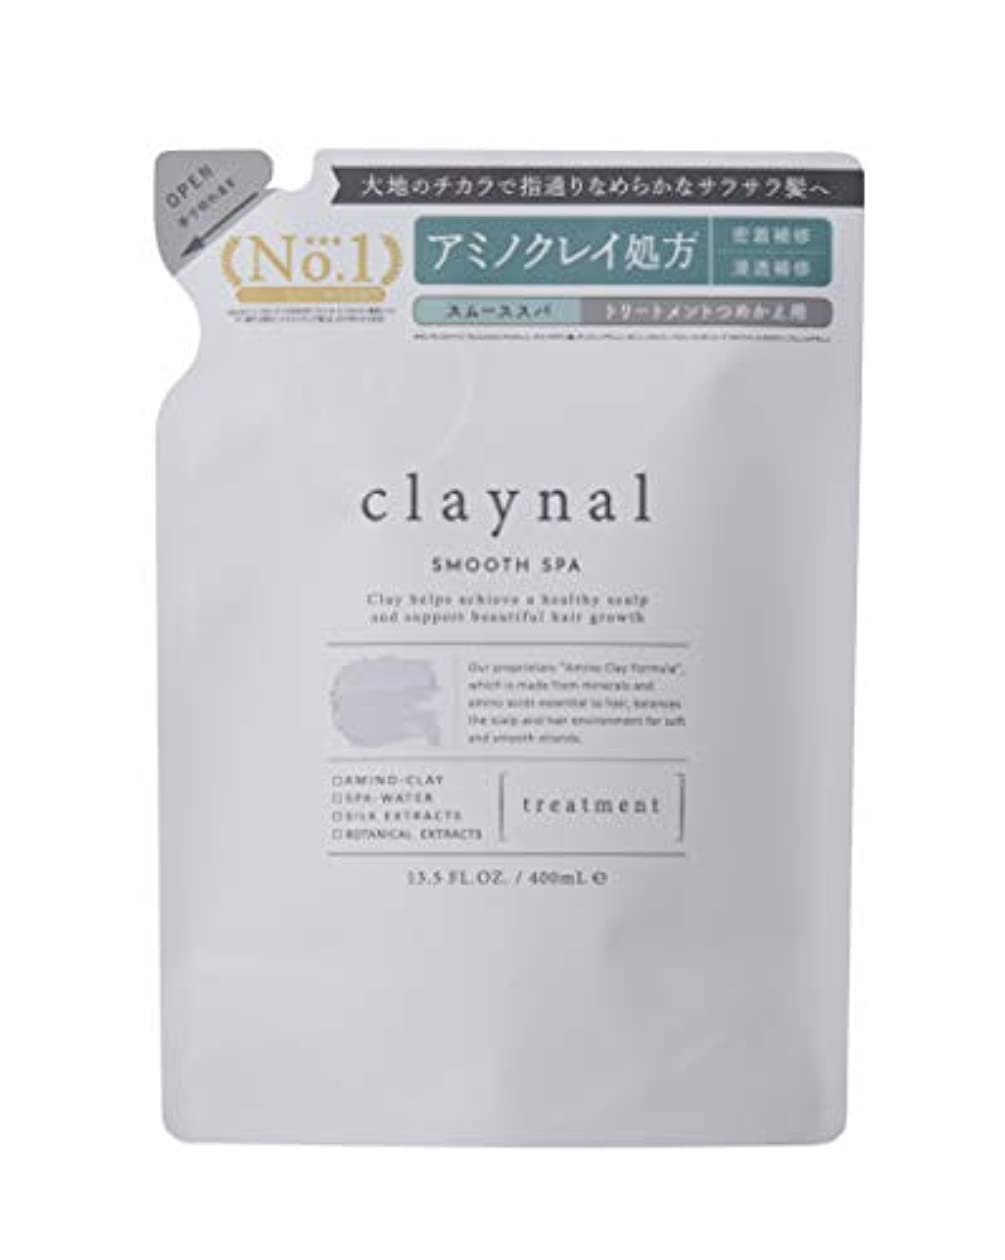 混沌哲学的ピケclaynal(クレイナル) クレイナル スムーススパトリートメント(詰替え)400mL